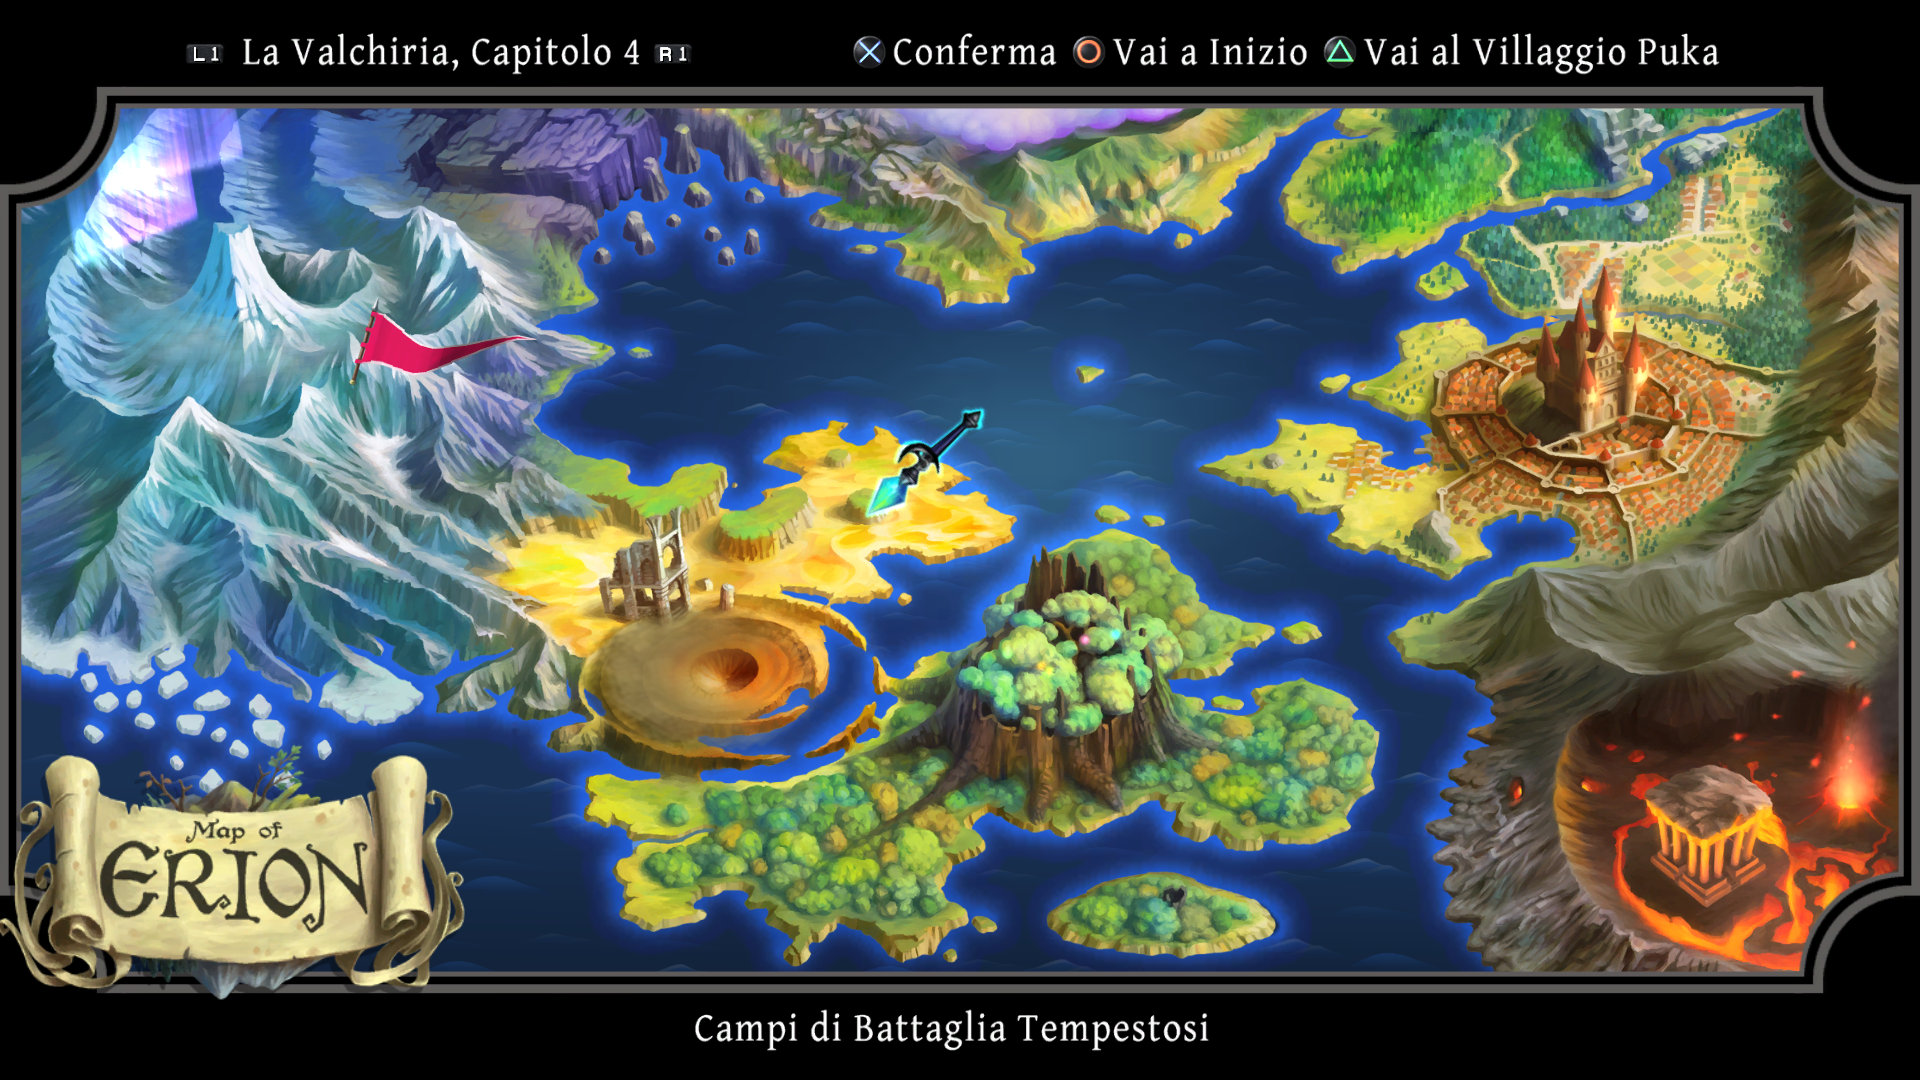 La mappa di gioco, vediamo il continte di Erion